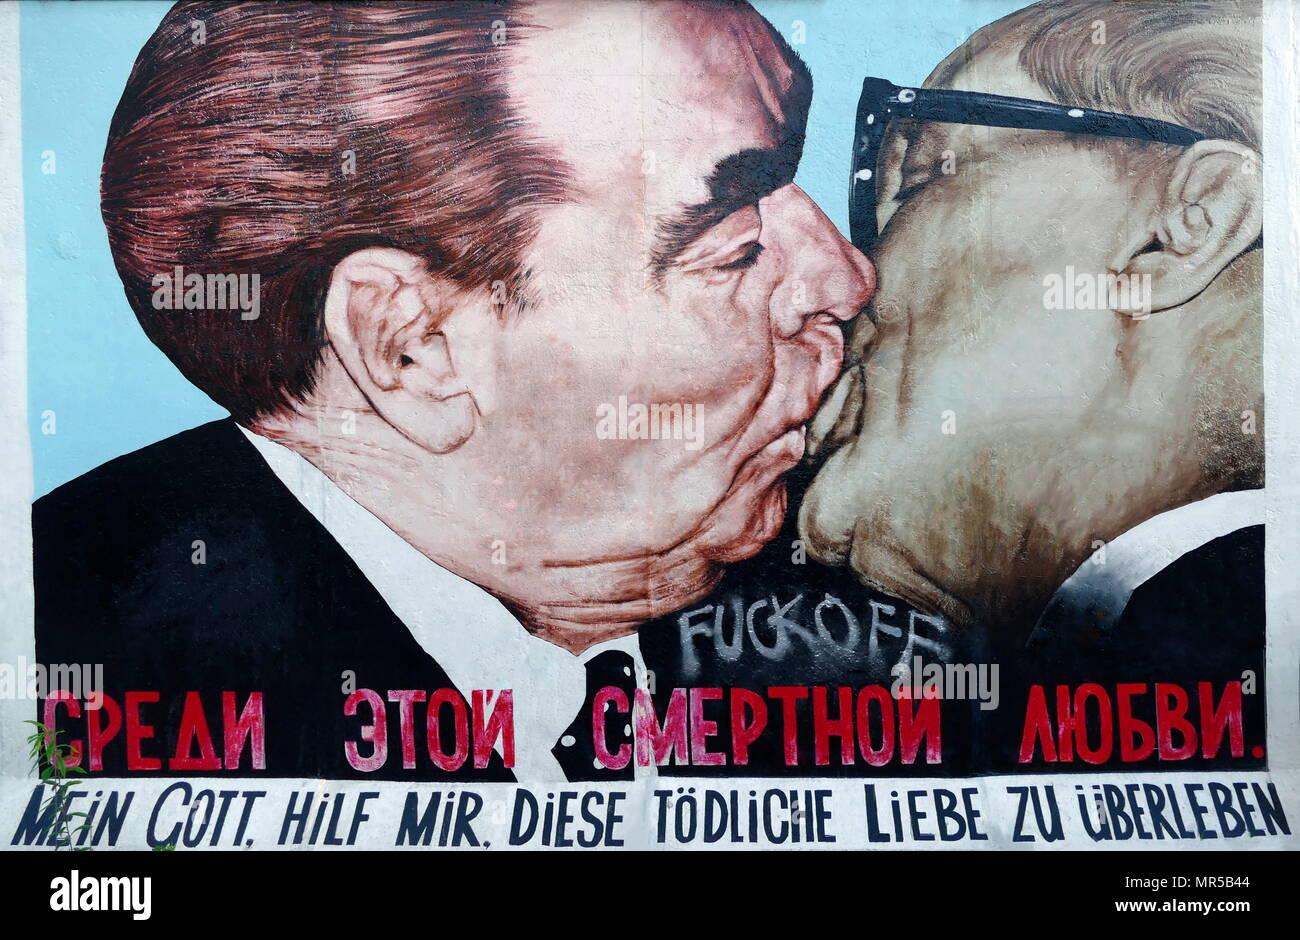 Photo d'un graffiti sur le mur de Berlin représentant Leonid Brejnev (1906-1982) l'ancien secrétaire général du Comité central du Parti communiste de l'Union soviétique, Erich Honneker (1912-1994) un homme politique allemand, qui, en tant que Secrétaire général de l'Unité socialiste, conduit la République démocratique allemande de 1971 jusqu'à ce que les semaines précédant la chute du Mur de Berlin . En date du 21e siècle Photo Stock